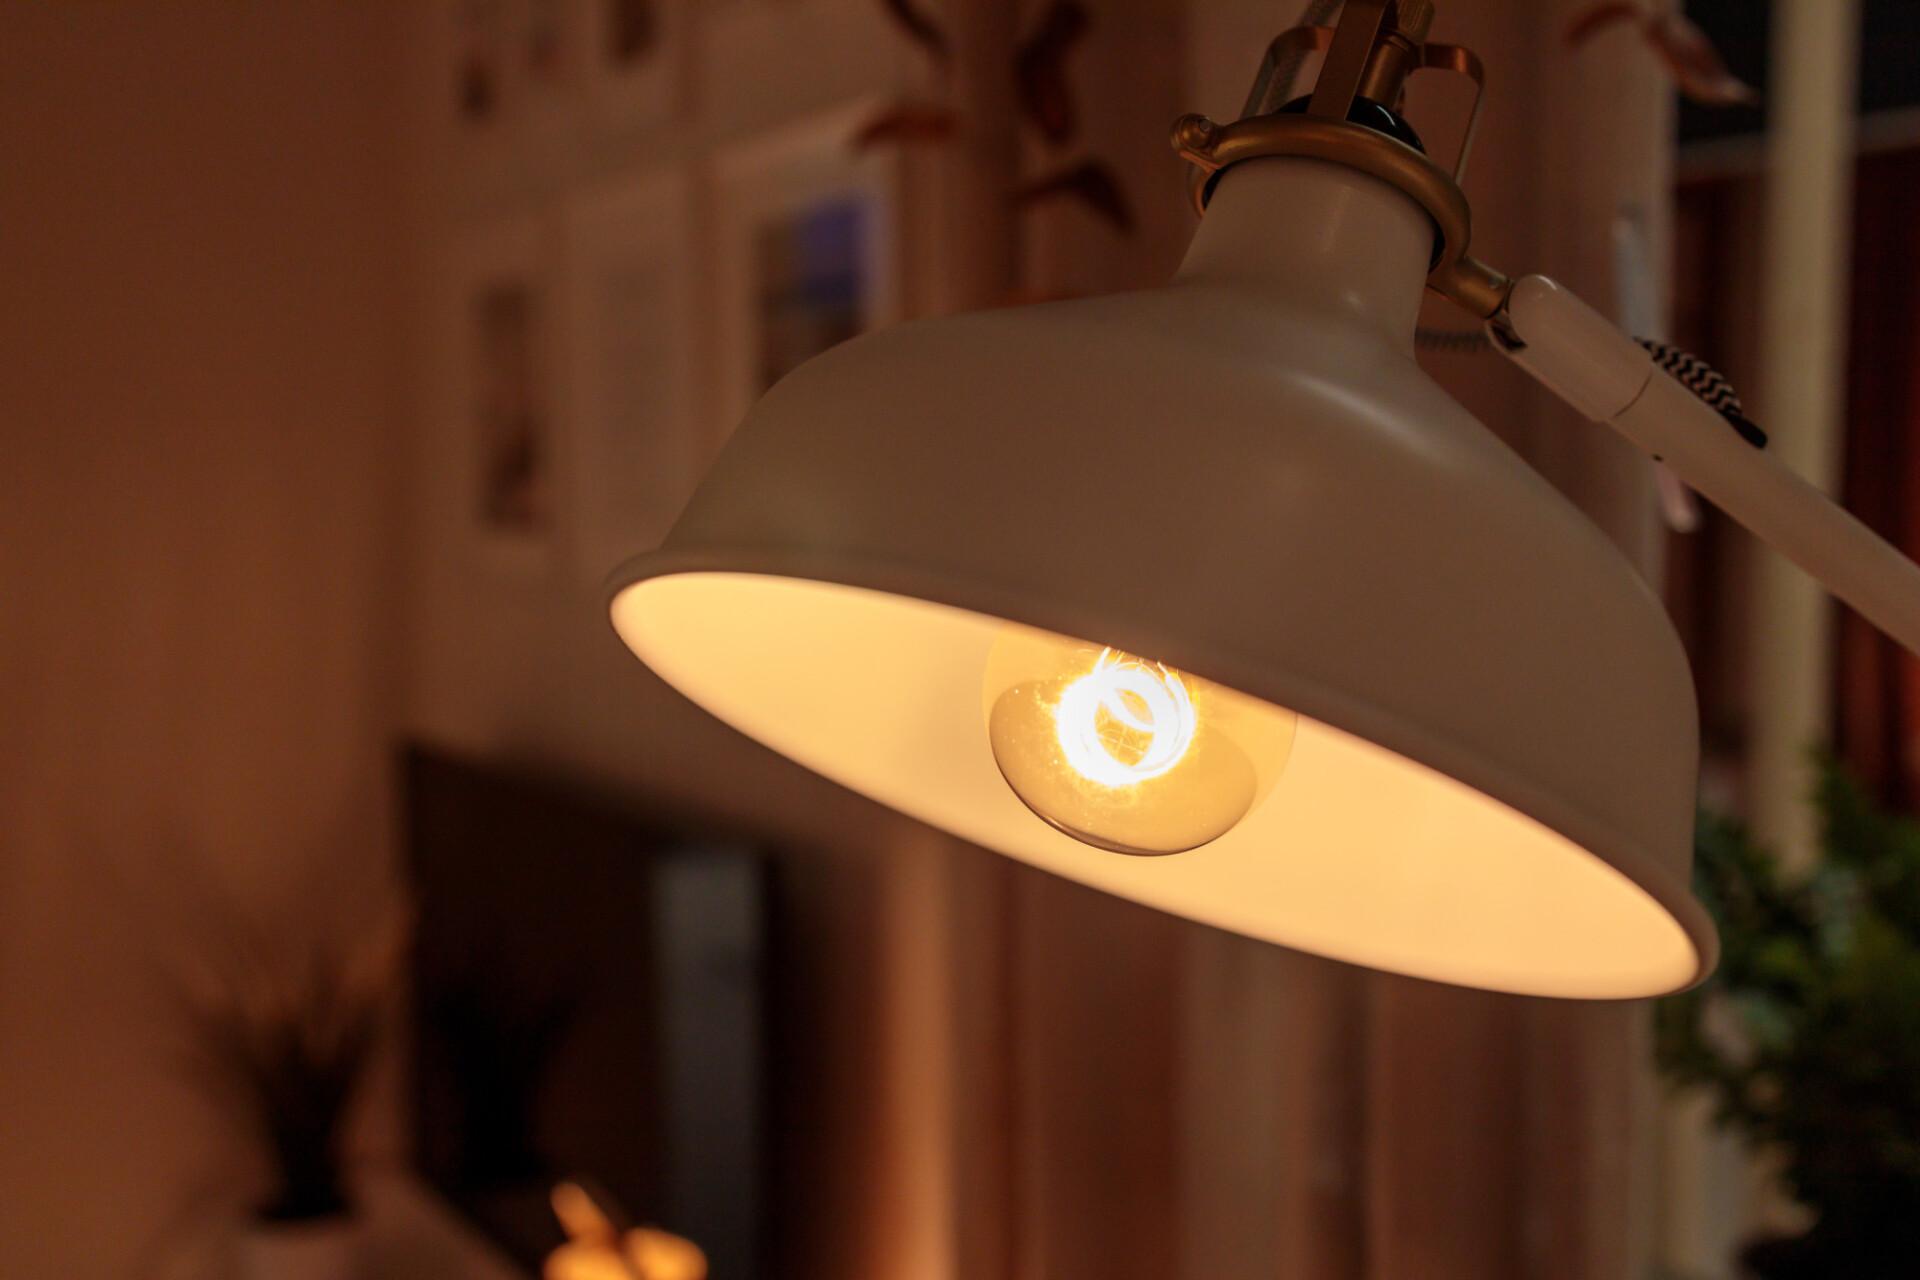 Desk lamp in study room